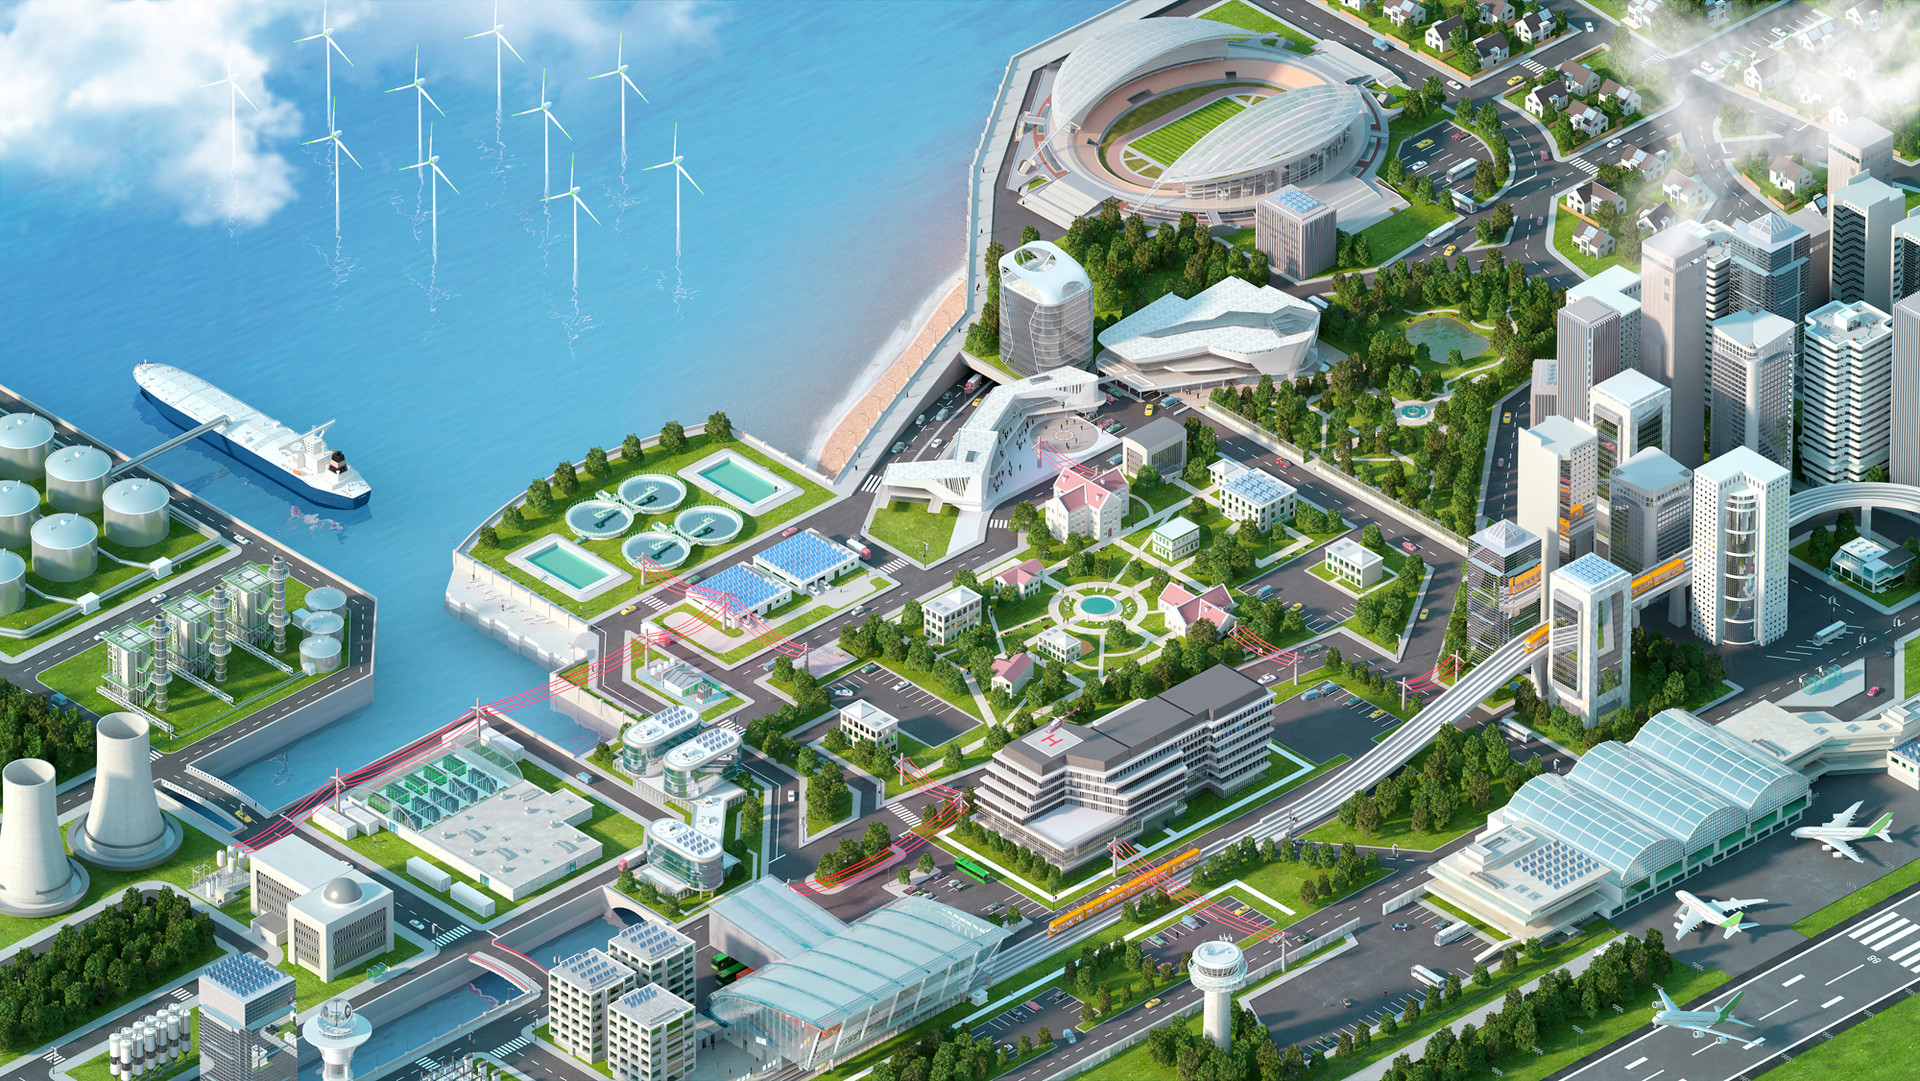 Schneider Electric Smart City